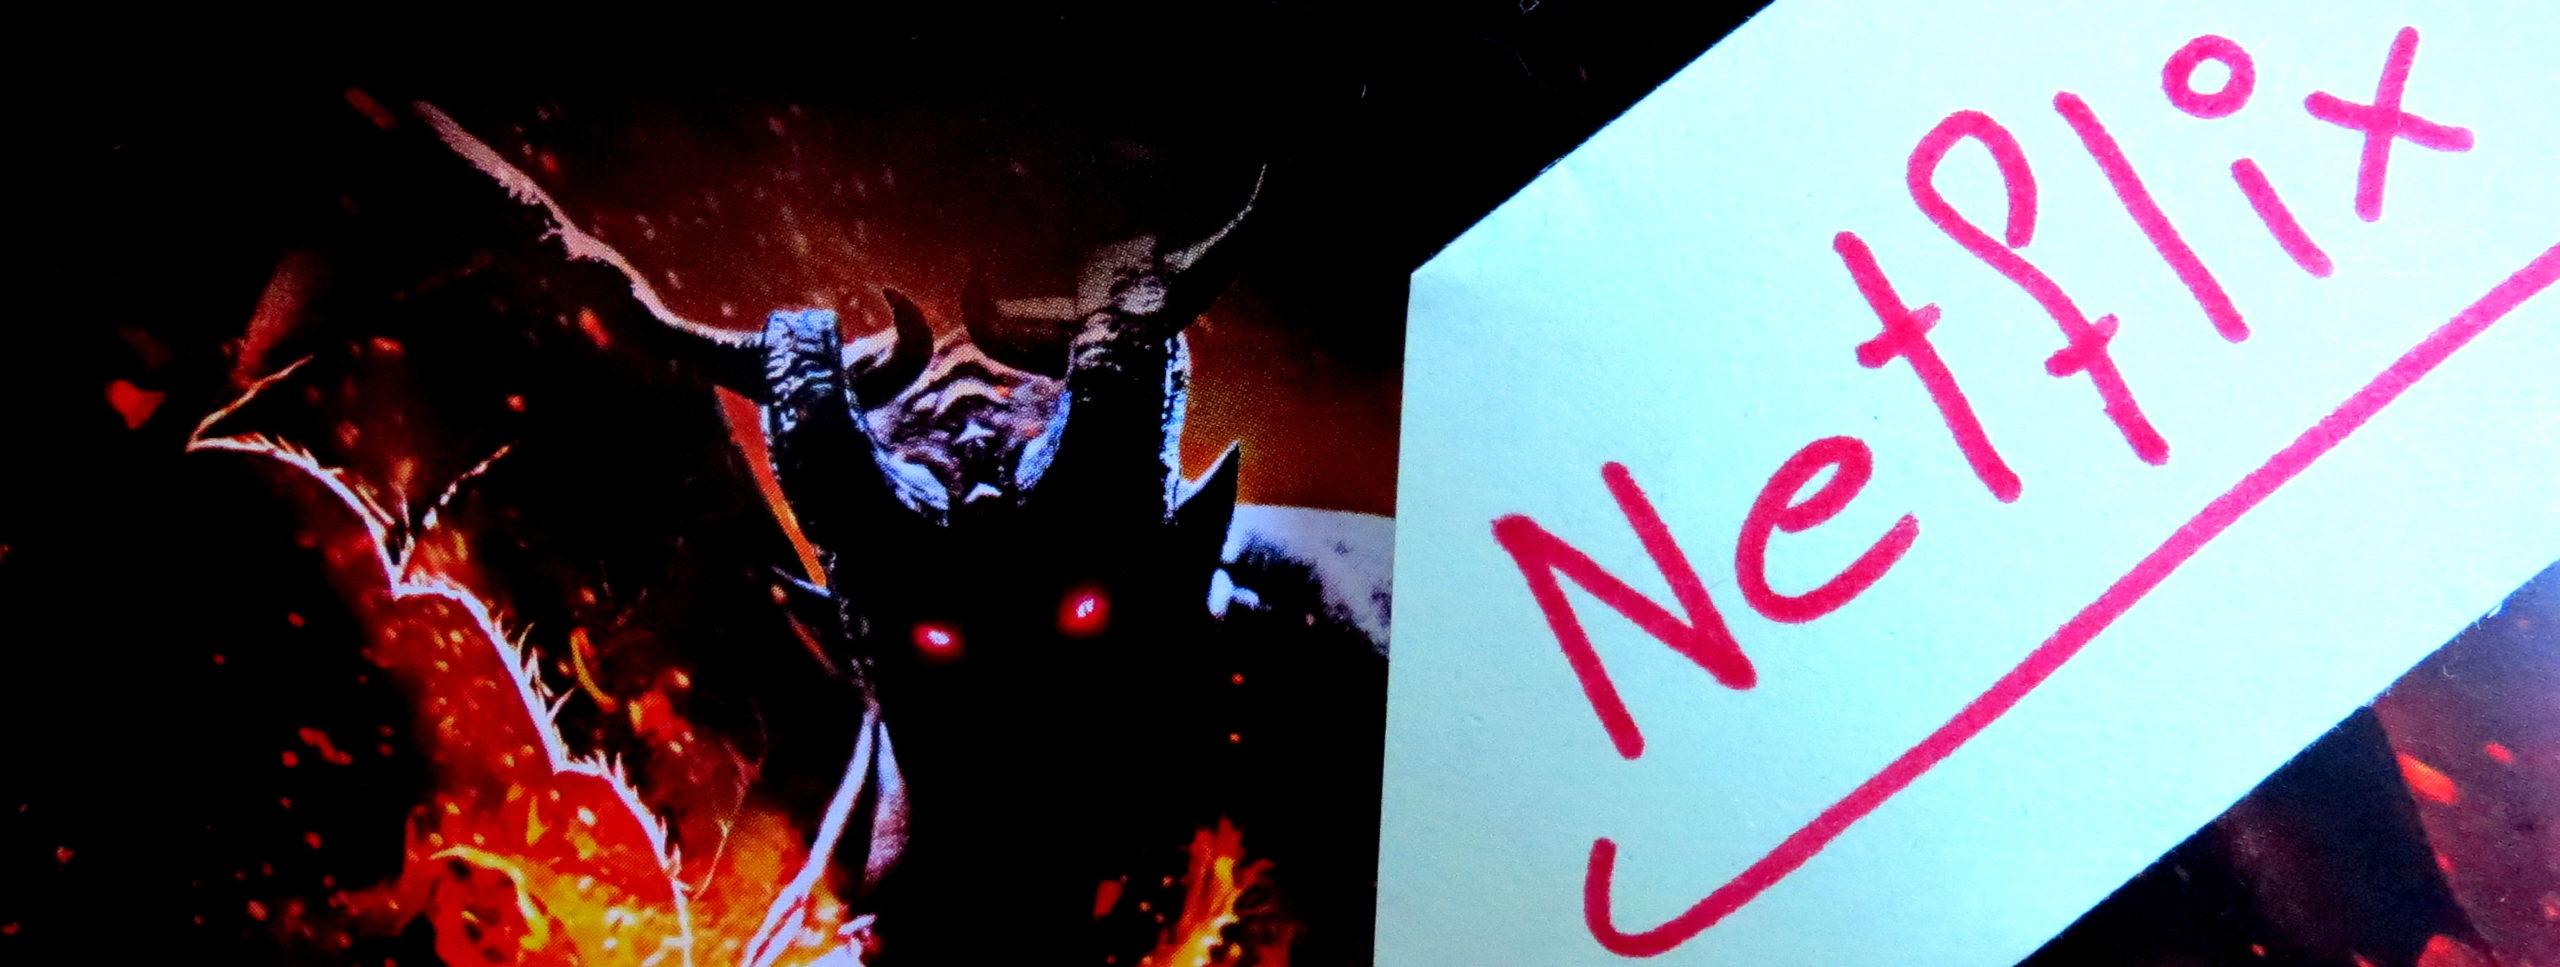 """Ausschnitt des Covers des Videospiels """"Dragon's Dogma"""" mit der handgeschriebenen Notiz """"Netflix"""""""